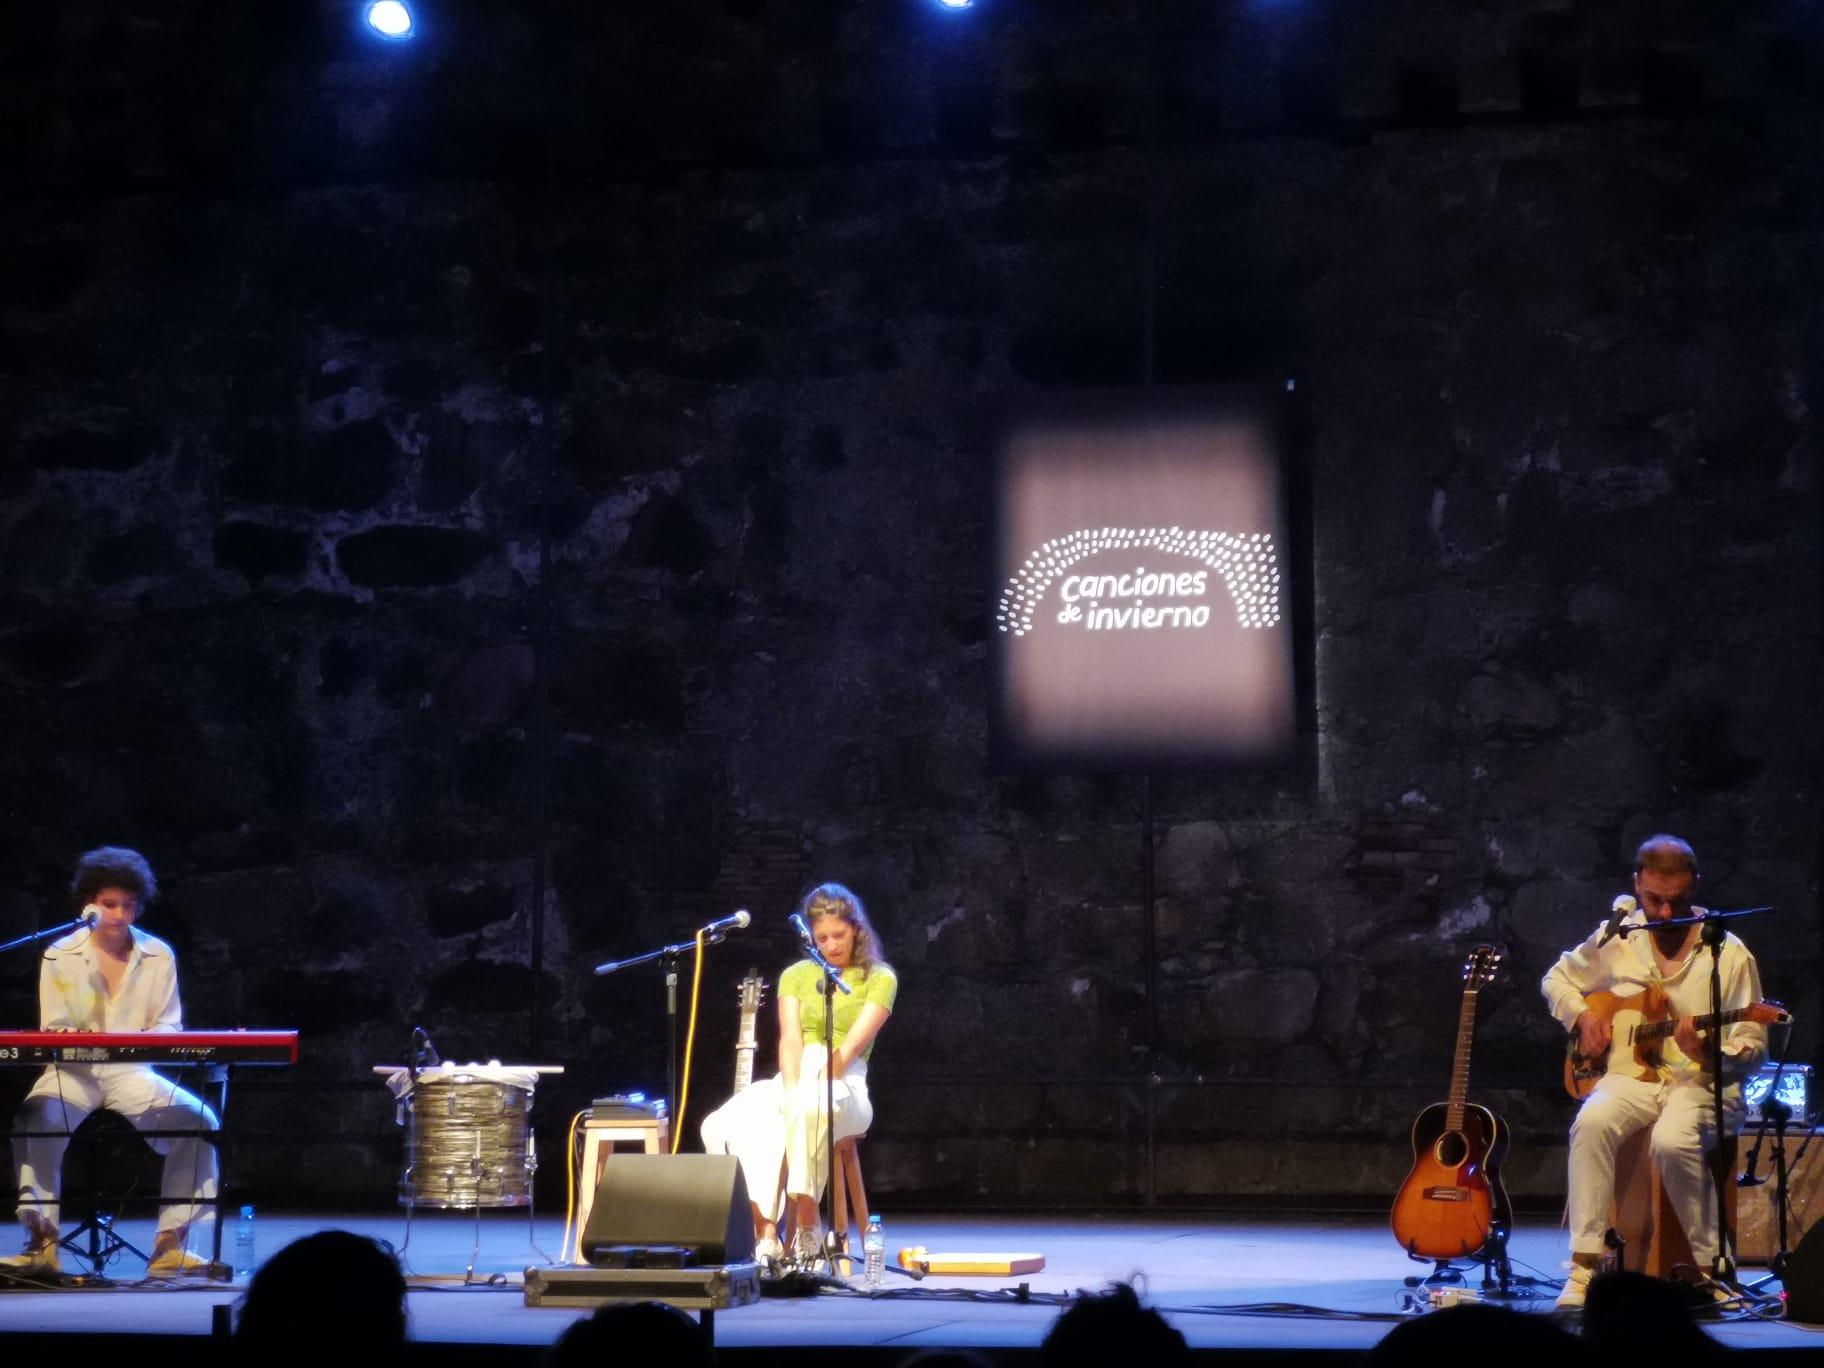 Izaro en concierto en Canciones de Invierno en Arenas de San Pedro